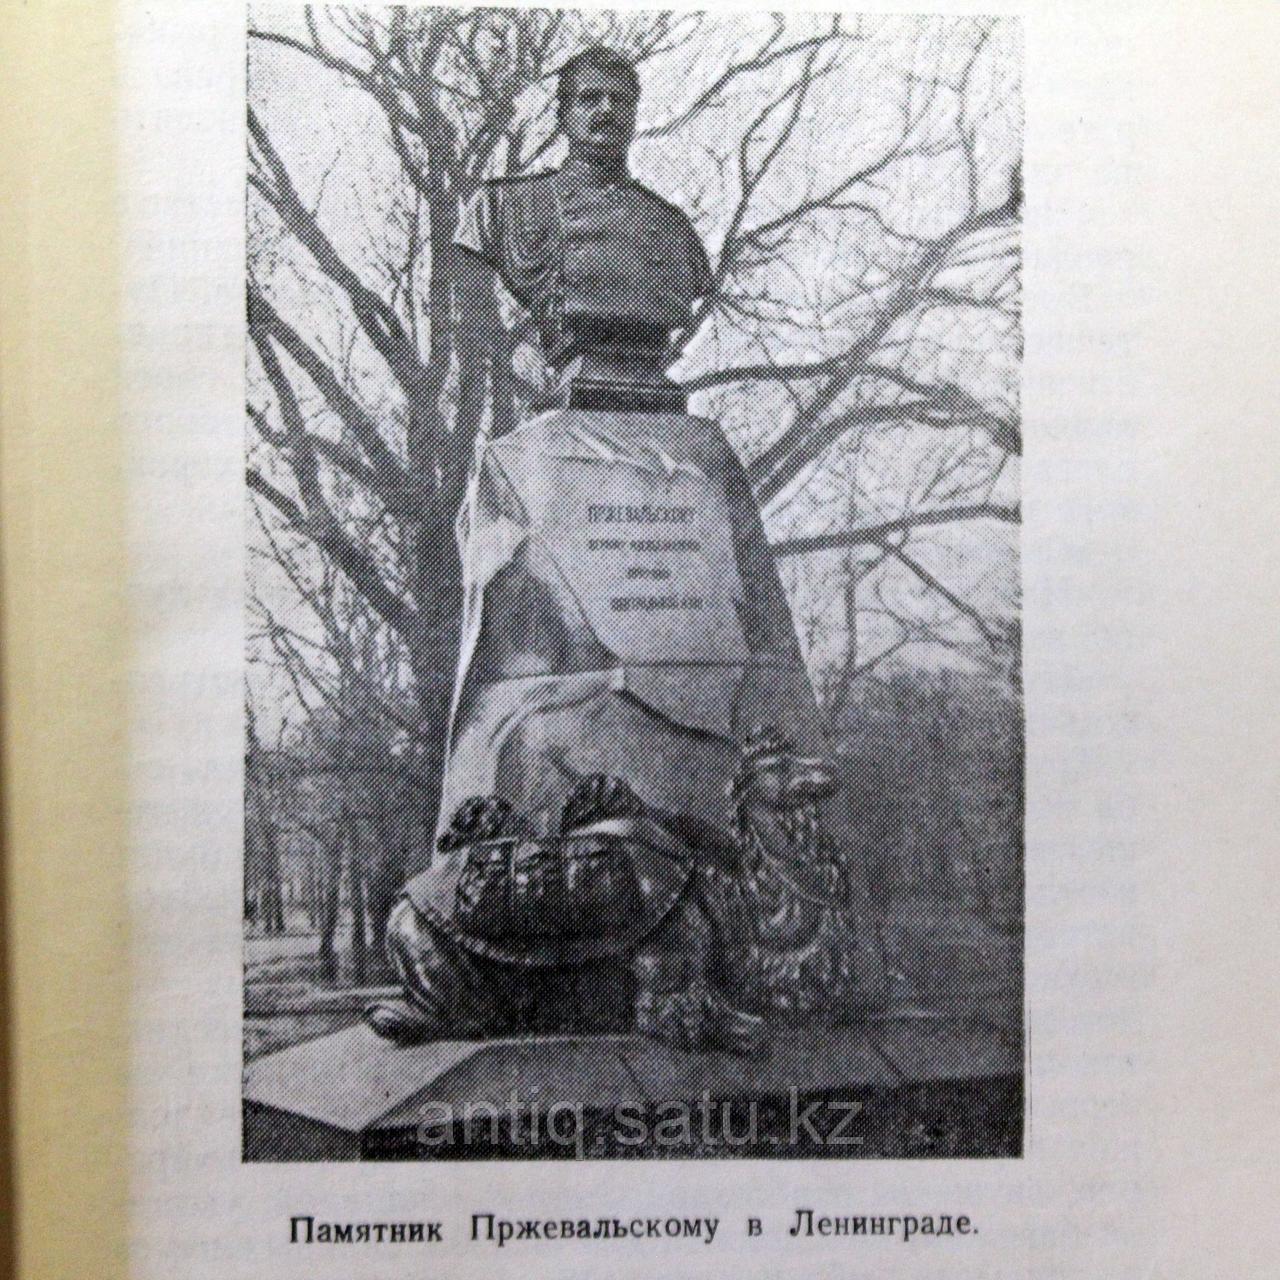 Пржевальский Редкая старая книга о Путешествиях по Центральной Азии. - фото 9